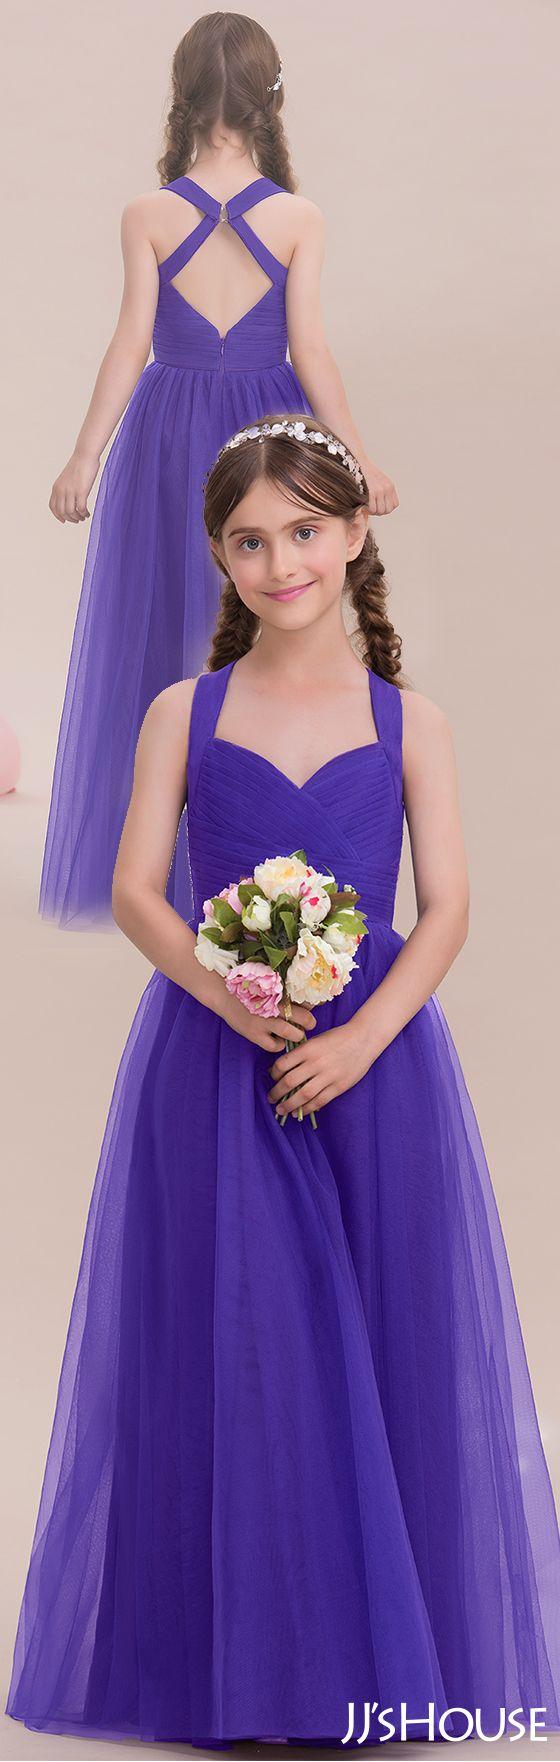 Increíble Bridesmaid Dresses Teens Ideas - Colección del Vestido de ...